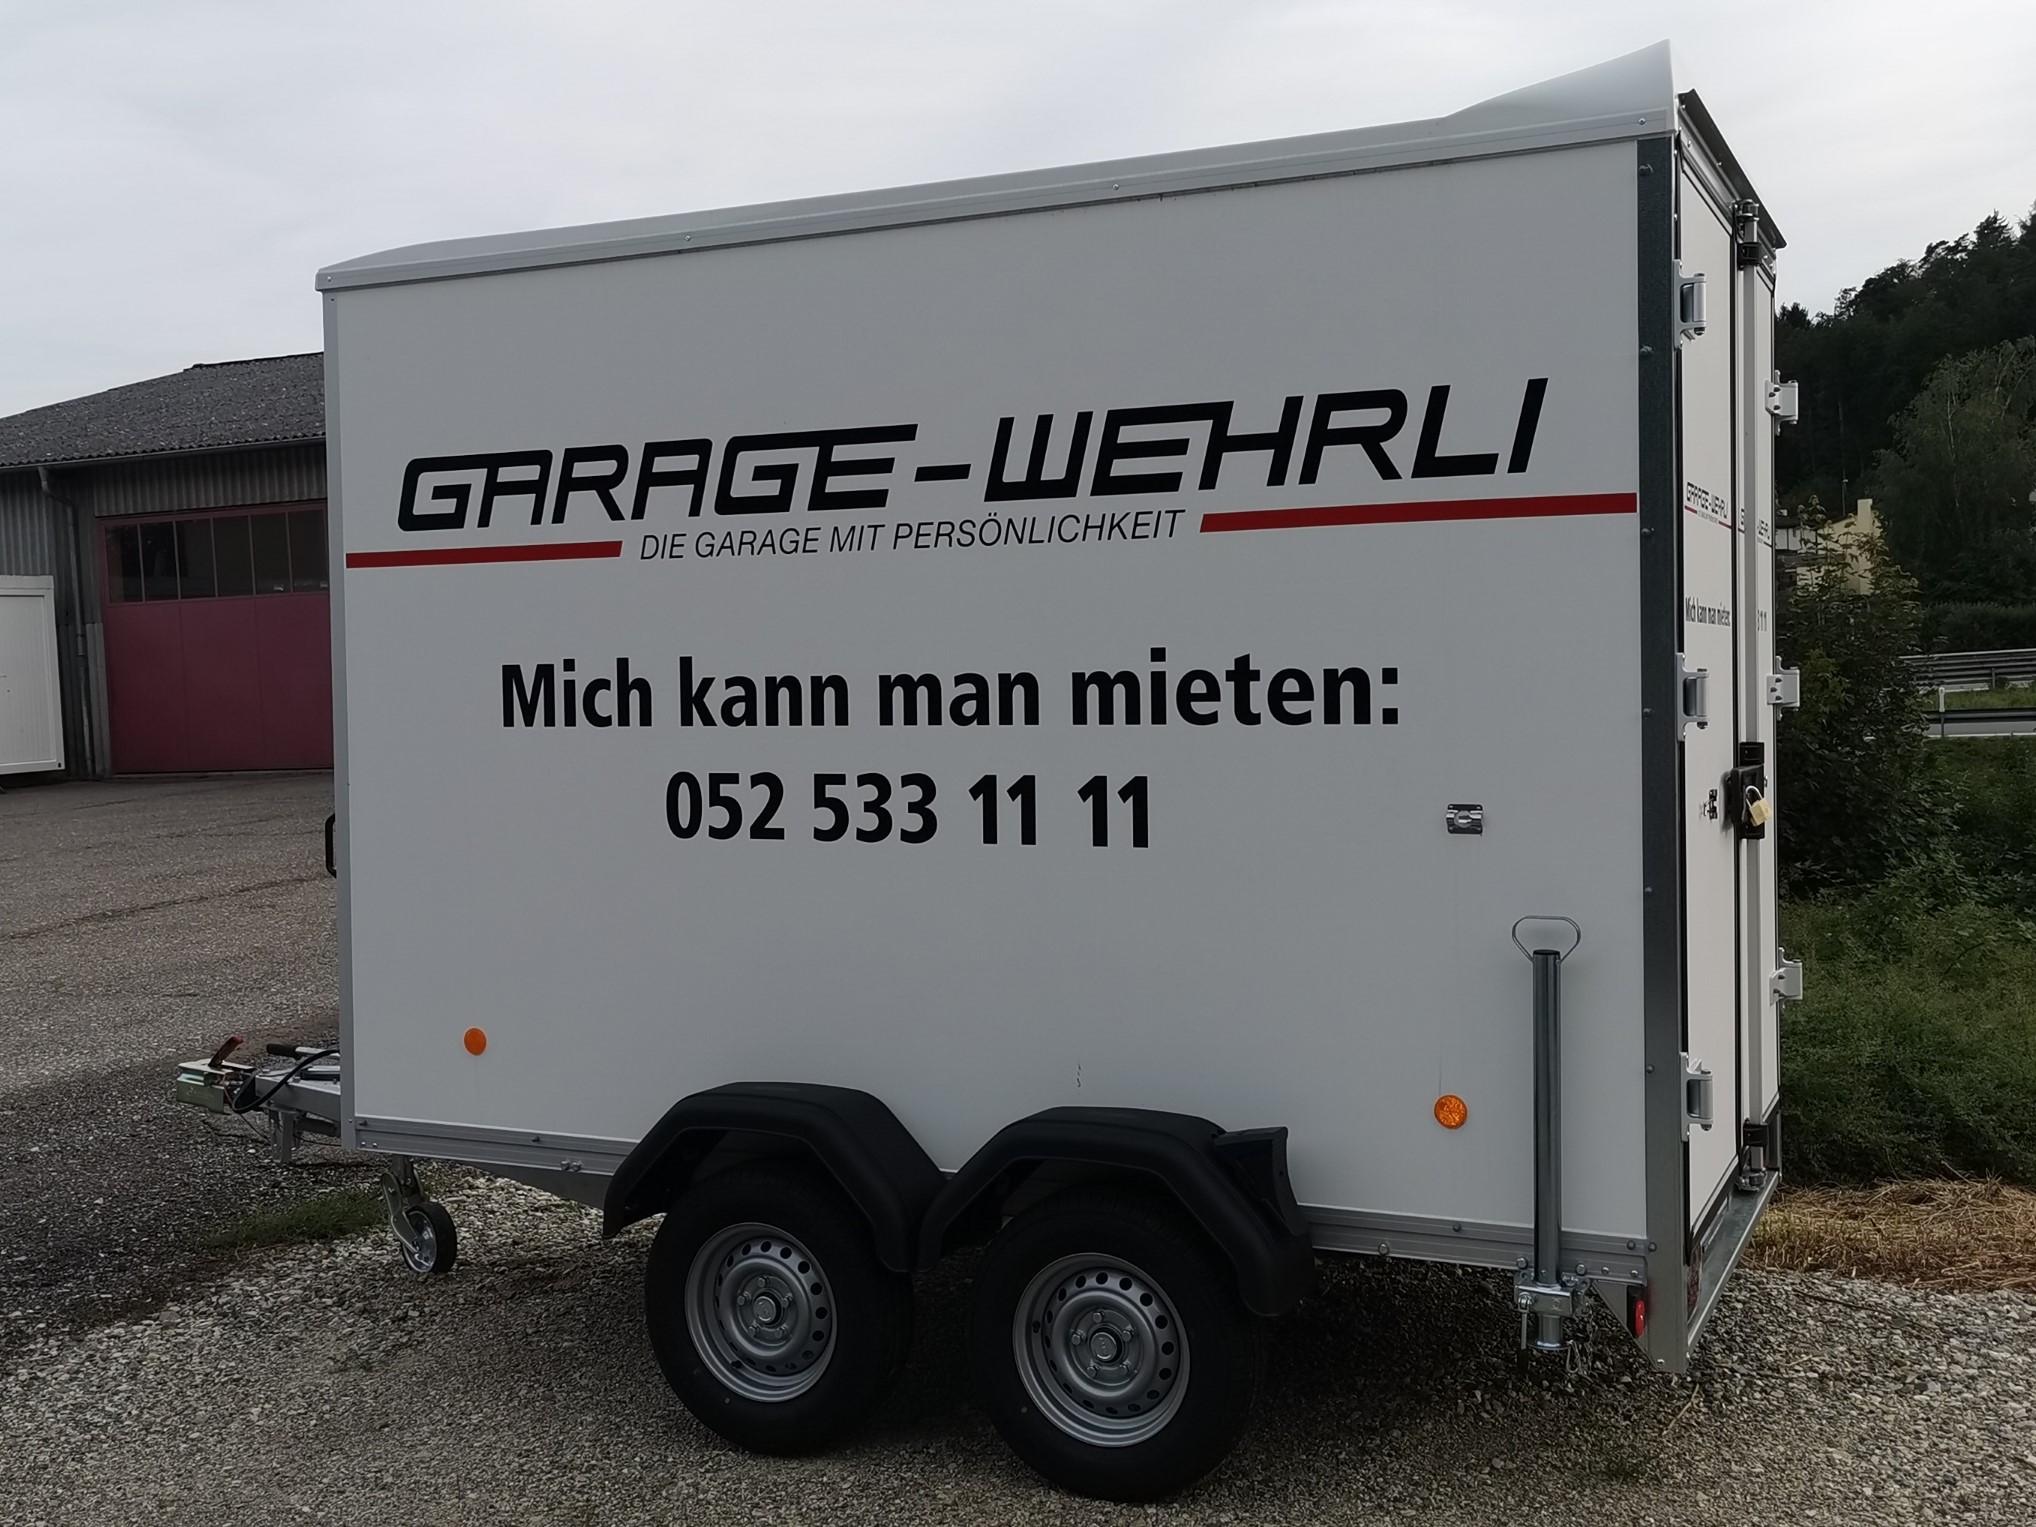 Anhänger mittel 2t   -  ideal für Umzüge und Transport von mittelgrossen bis grossen Gütern Gütern  -  Festaufbau  -  Leergewicht: ca. 600 kg, Zuladung: ca. 1400 kg  Fr. 65.- pro Tag